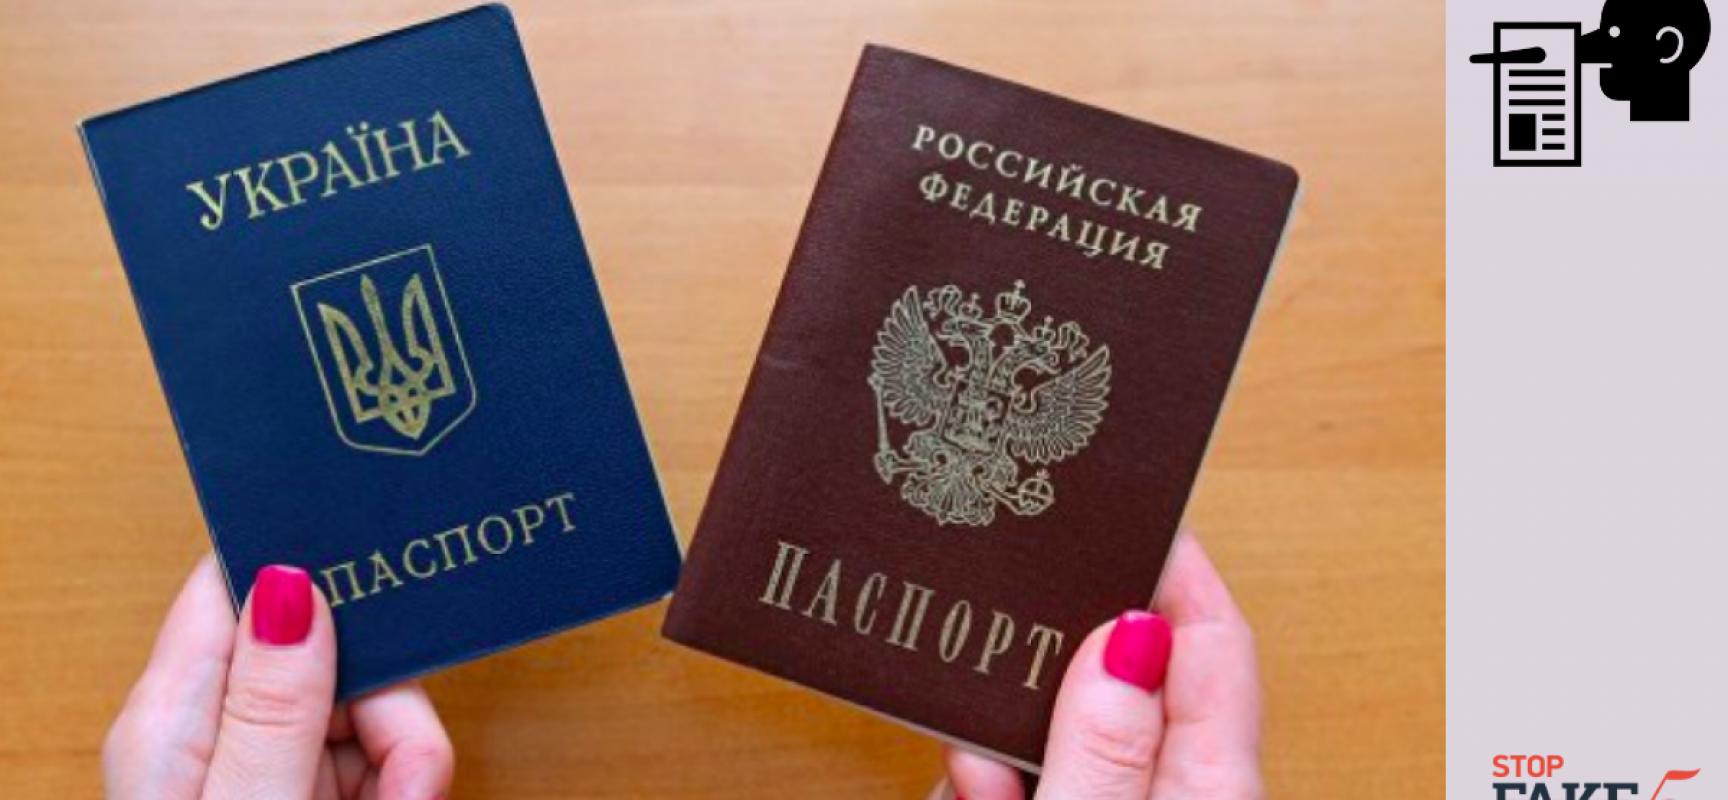 Manipolazione: Kiev requisirà le proprietà a chi prenderà il passaporto russo